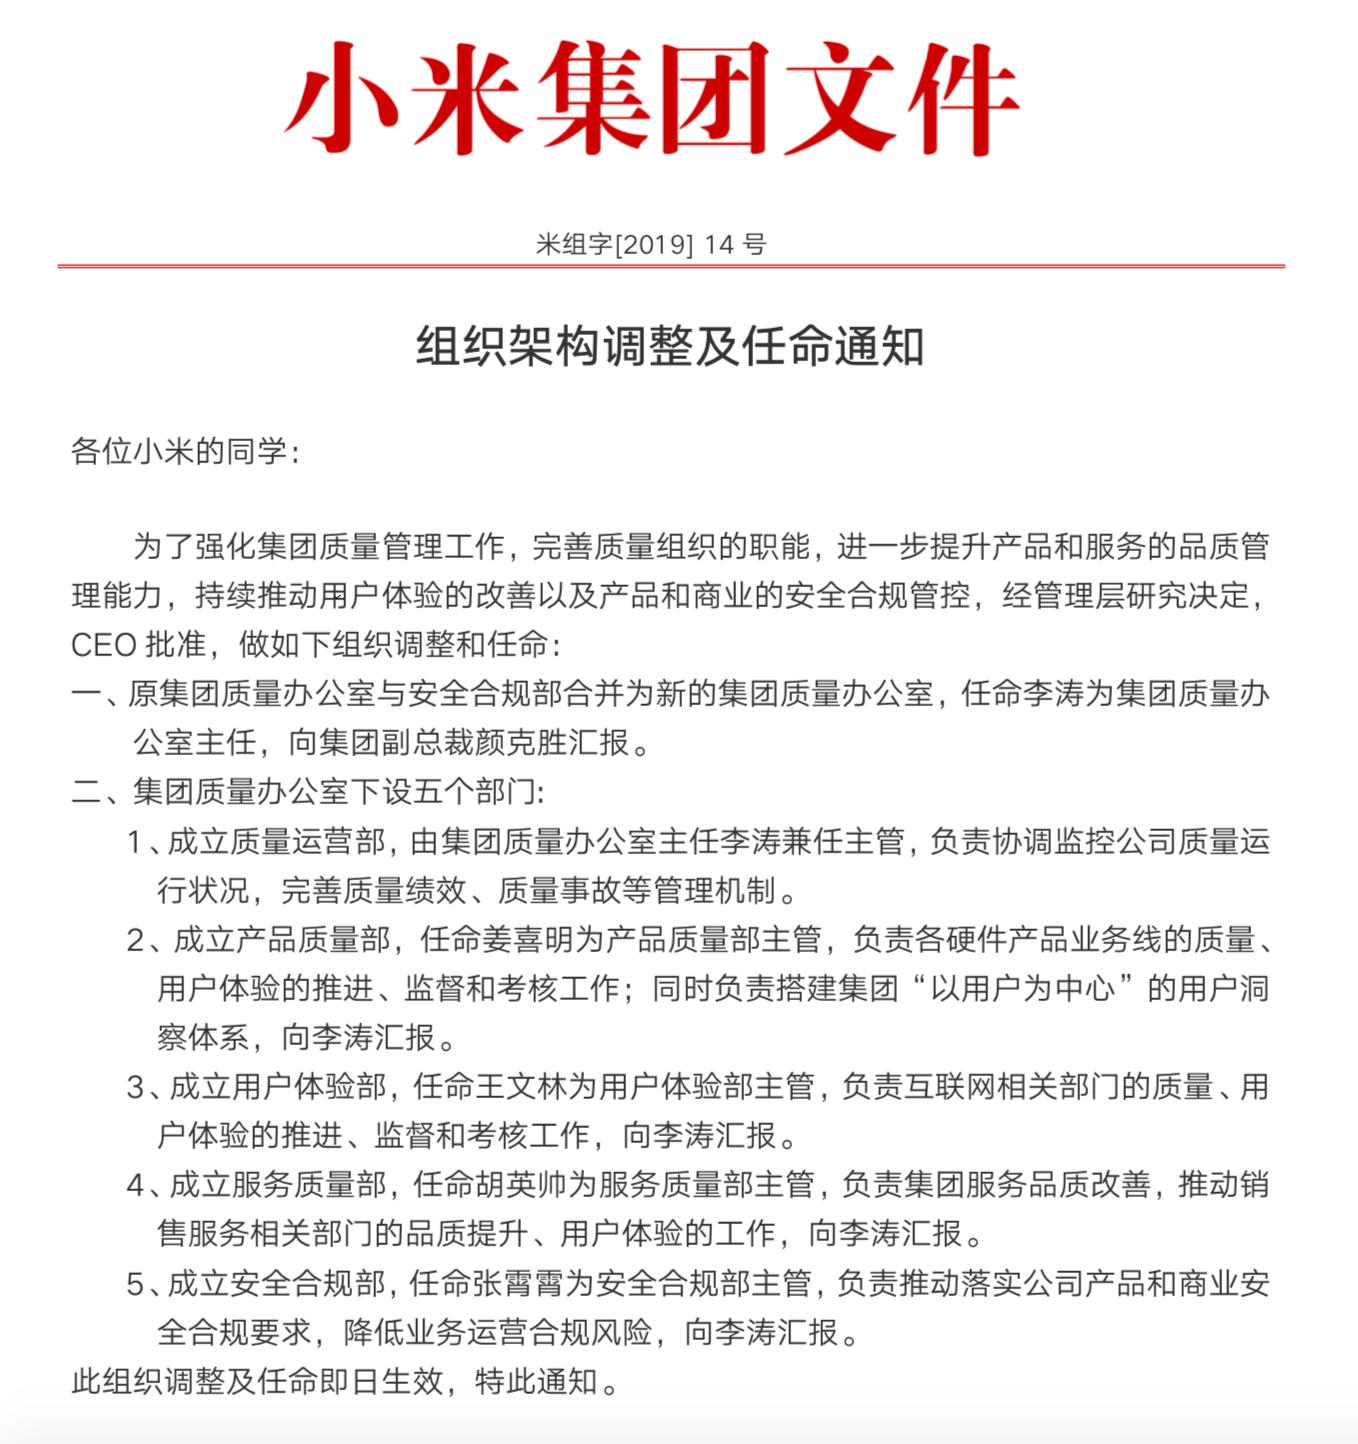 小米成立质量办公室:李涛为办公室主任 向颜克胜汇报